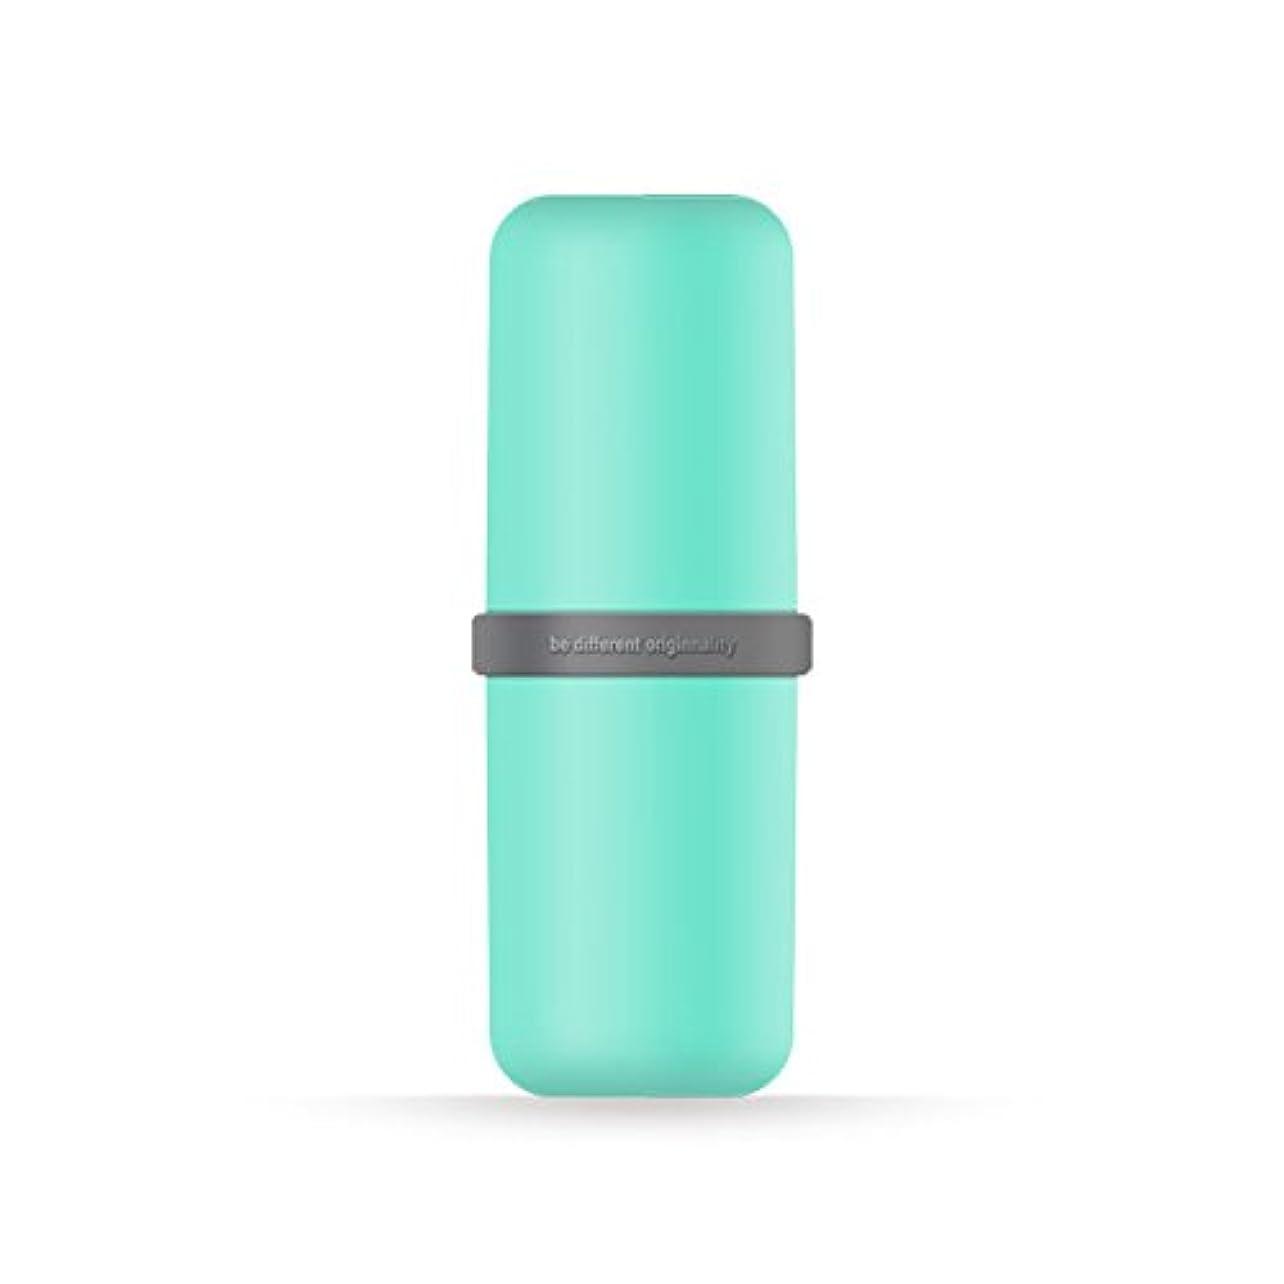 理解発明仮説ポータブル歯ブラシWashカップ歯磨き粉ボックス便利旅行歯ブラシ歯磨き粉オーガナイザー 6*20cm グリーン